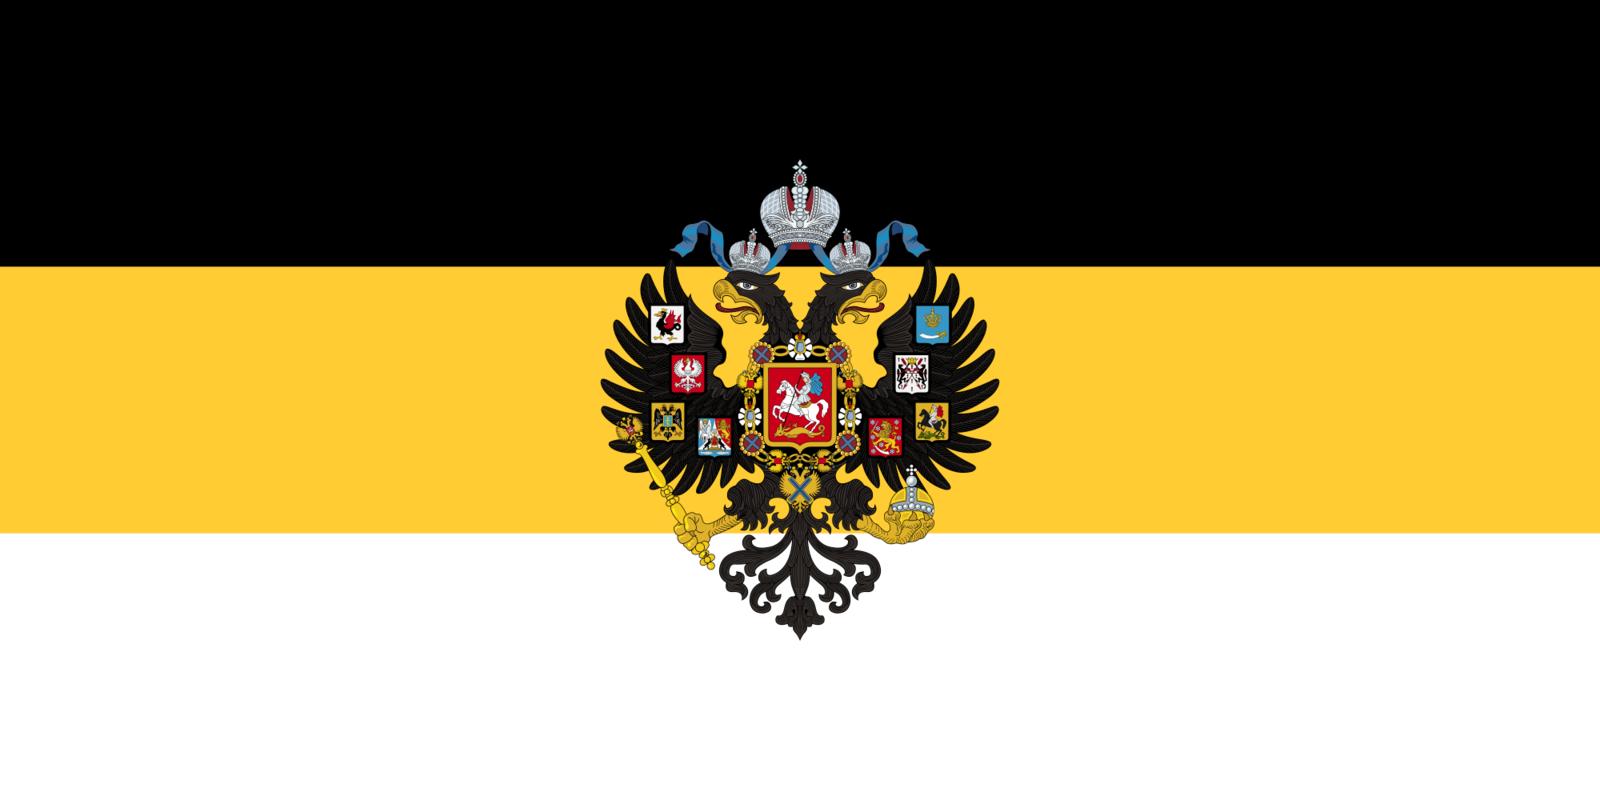 картинка герб имперский росла атмосфере